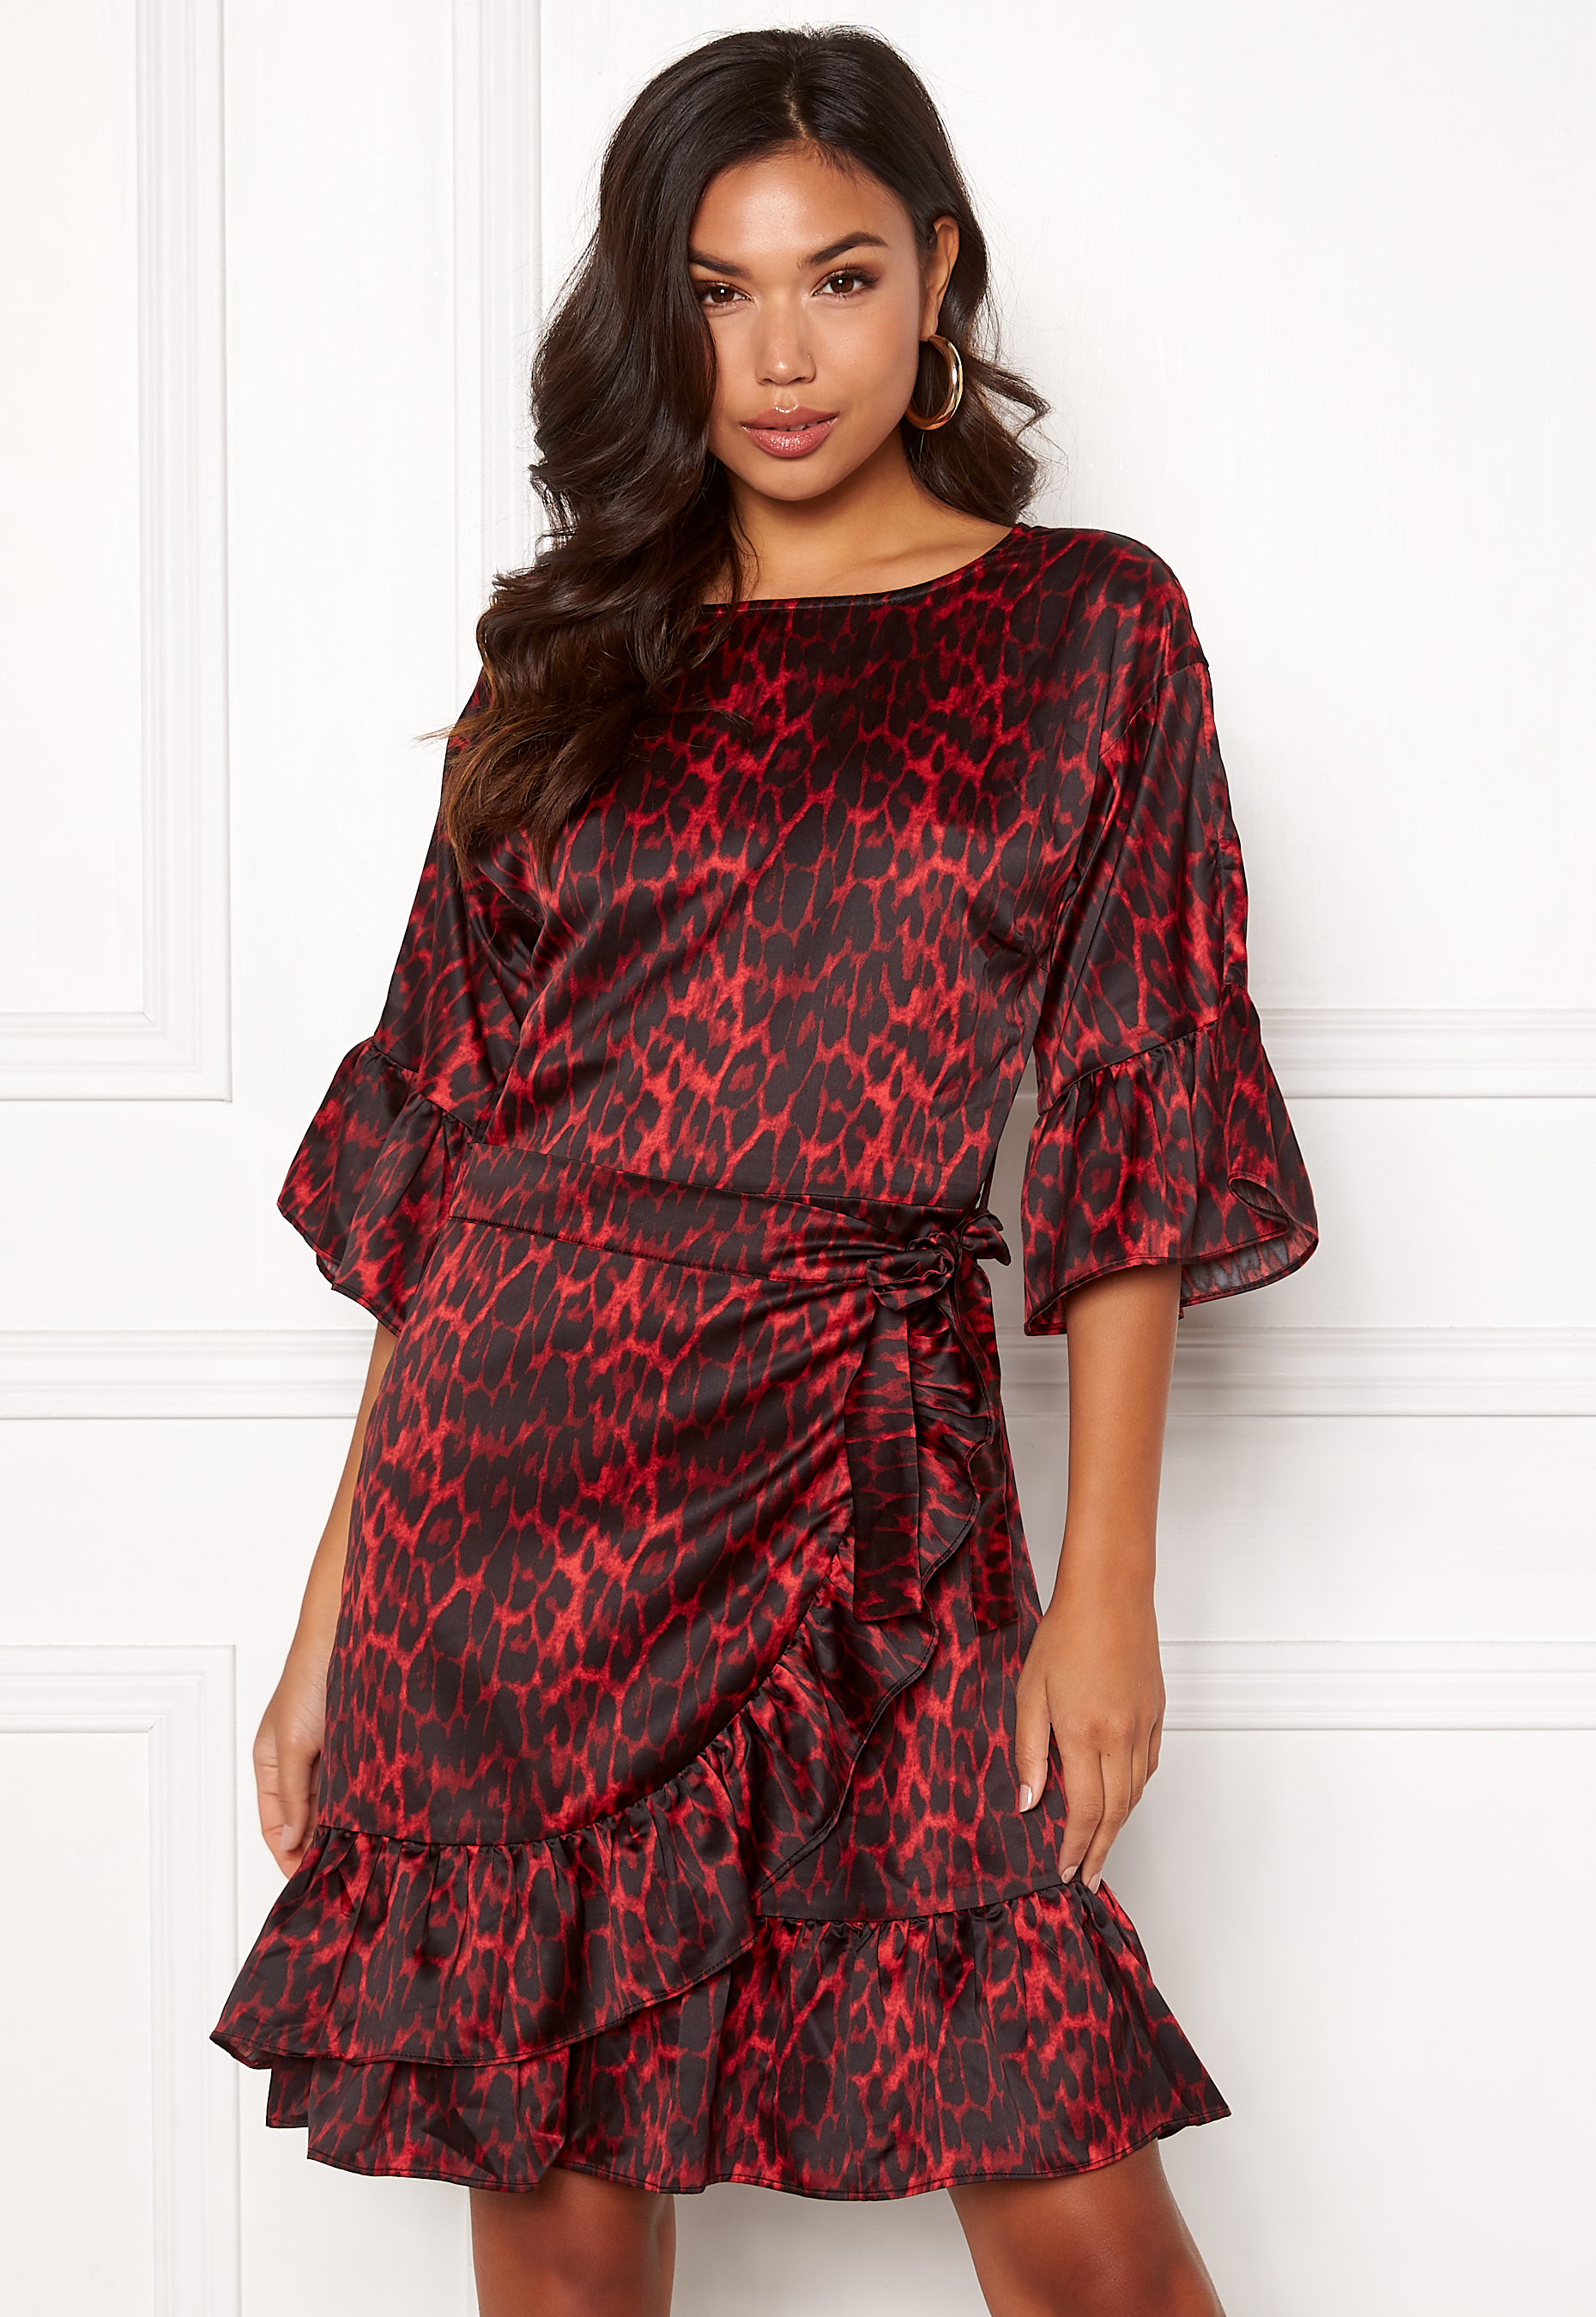 0d5263c703c4 Co couture Dress Rio Bubbleroom Sateen Animal Wrap Red vvrZ0qw